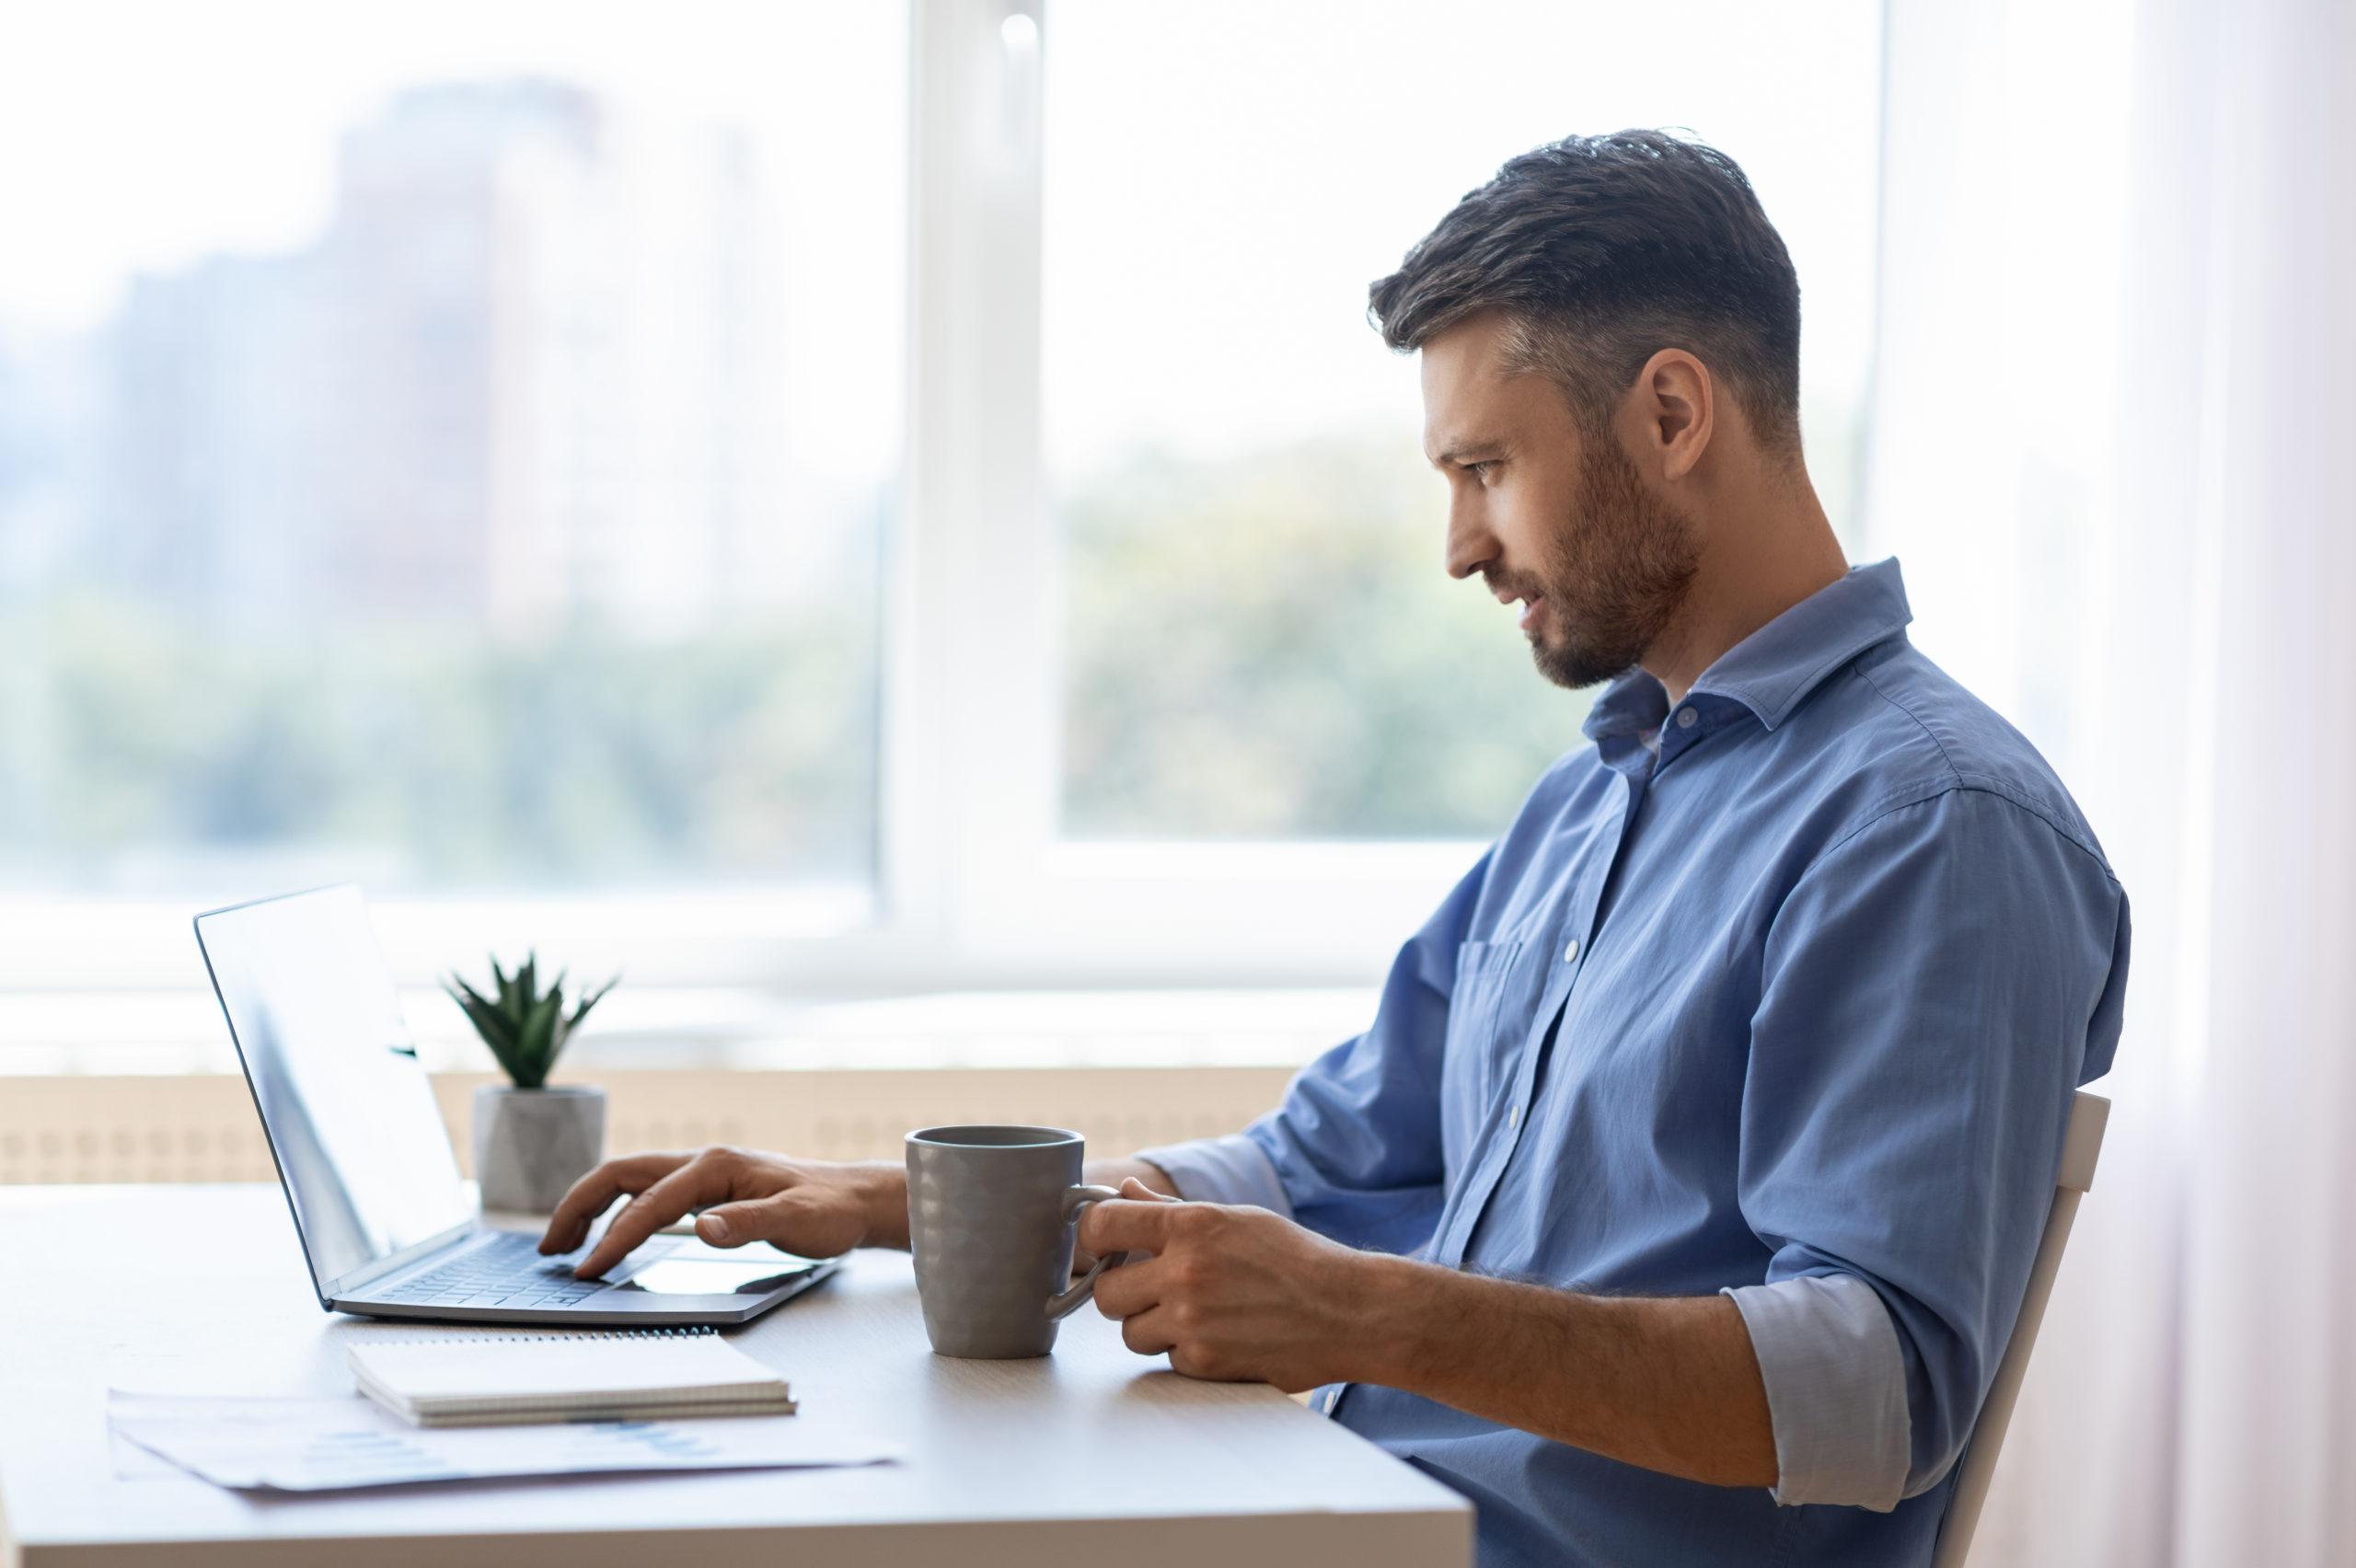 Ключевые навыки интернет-маркетолога